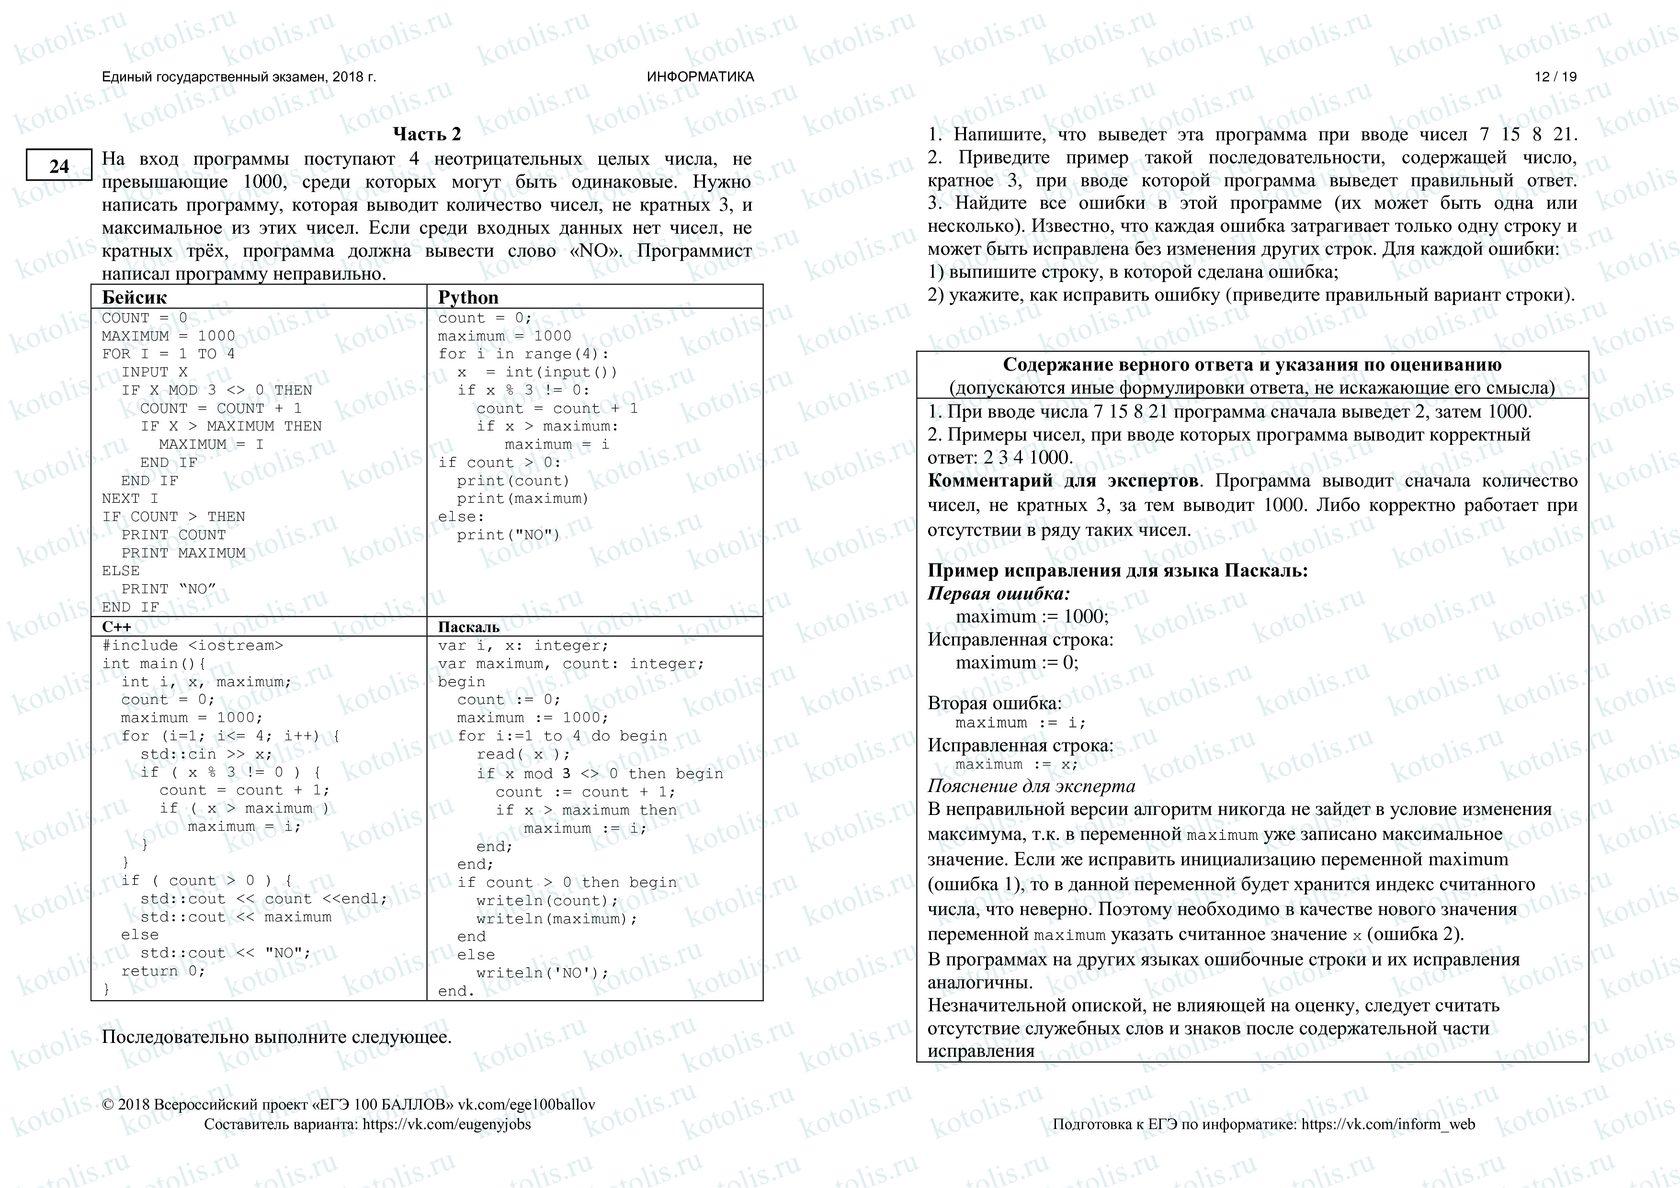 Вариант ЕГЭ  по информатике 2018 с ответами и решениями